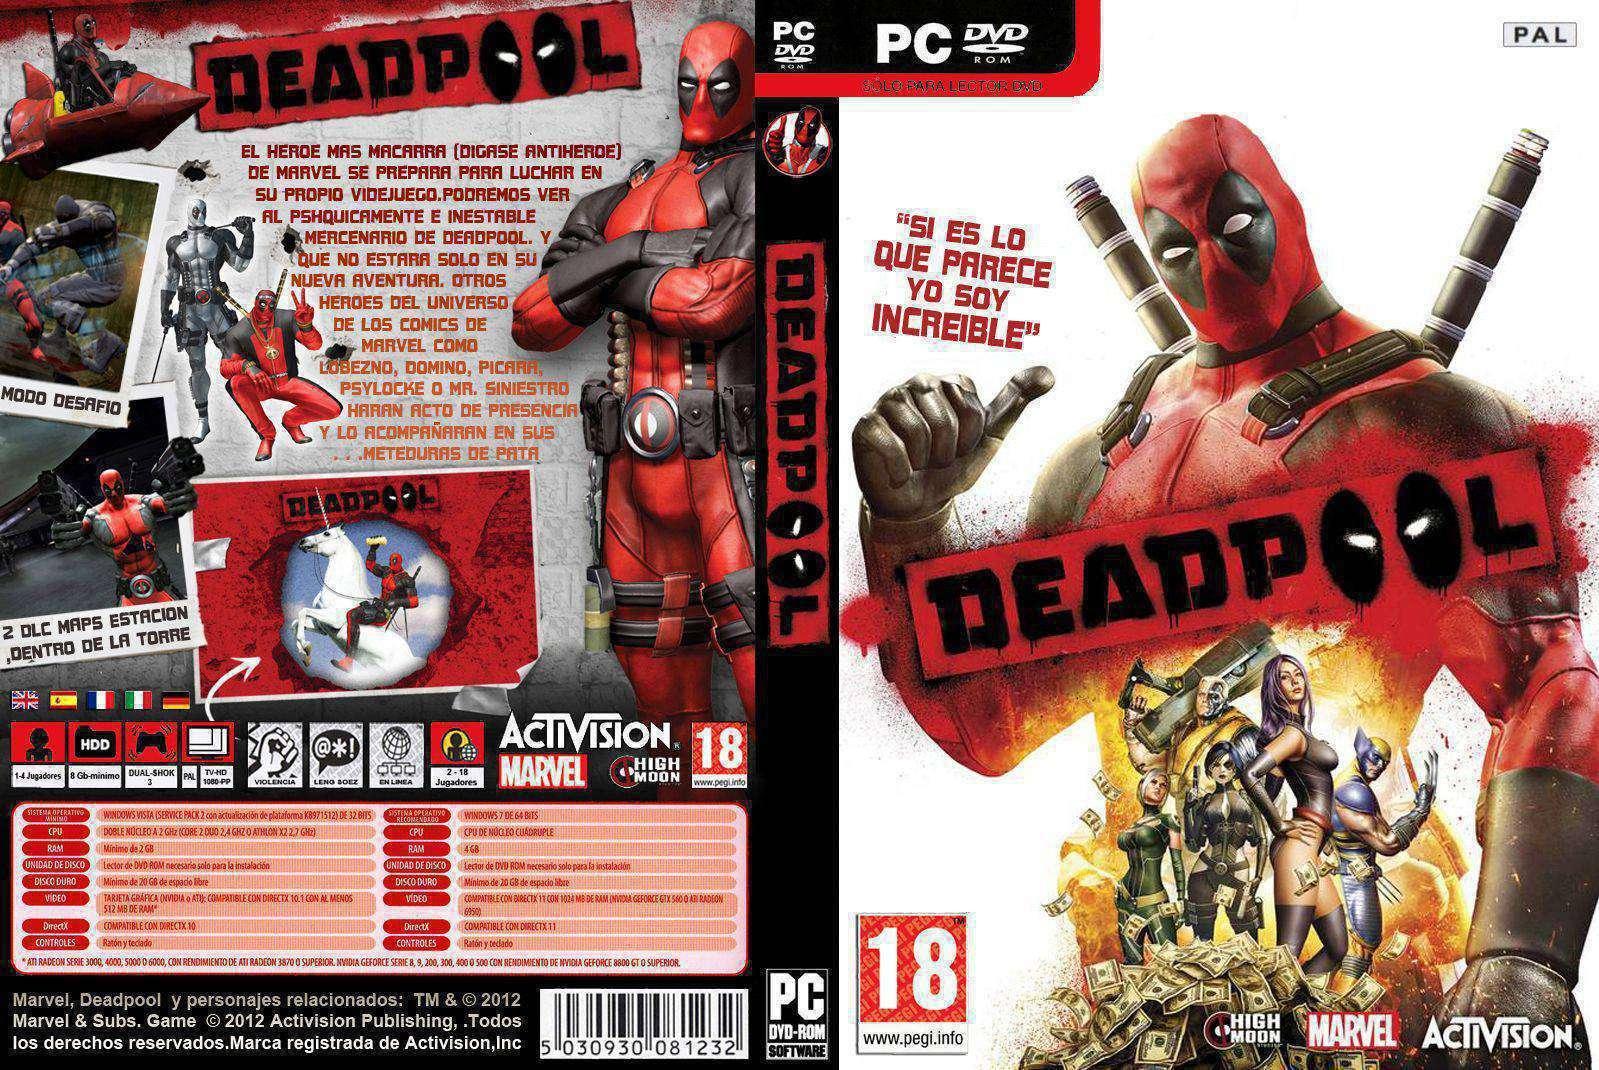 [遊戲大片]Deadpool中文版